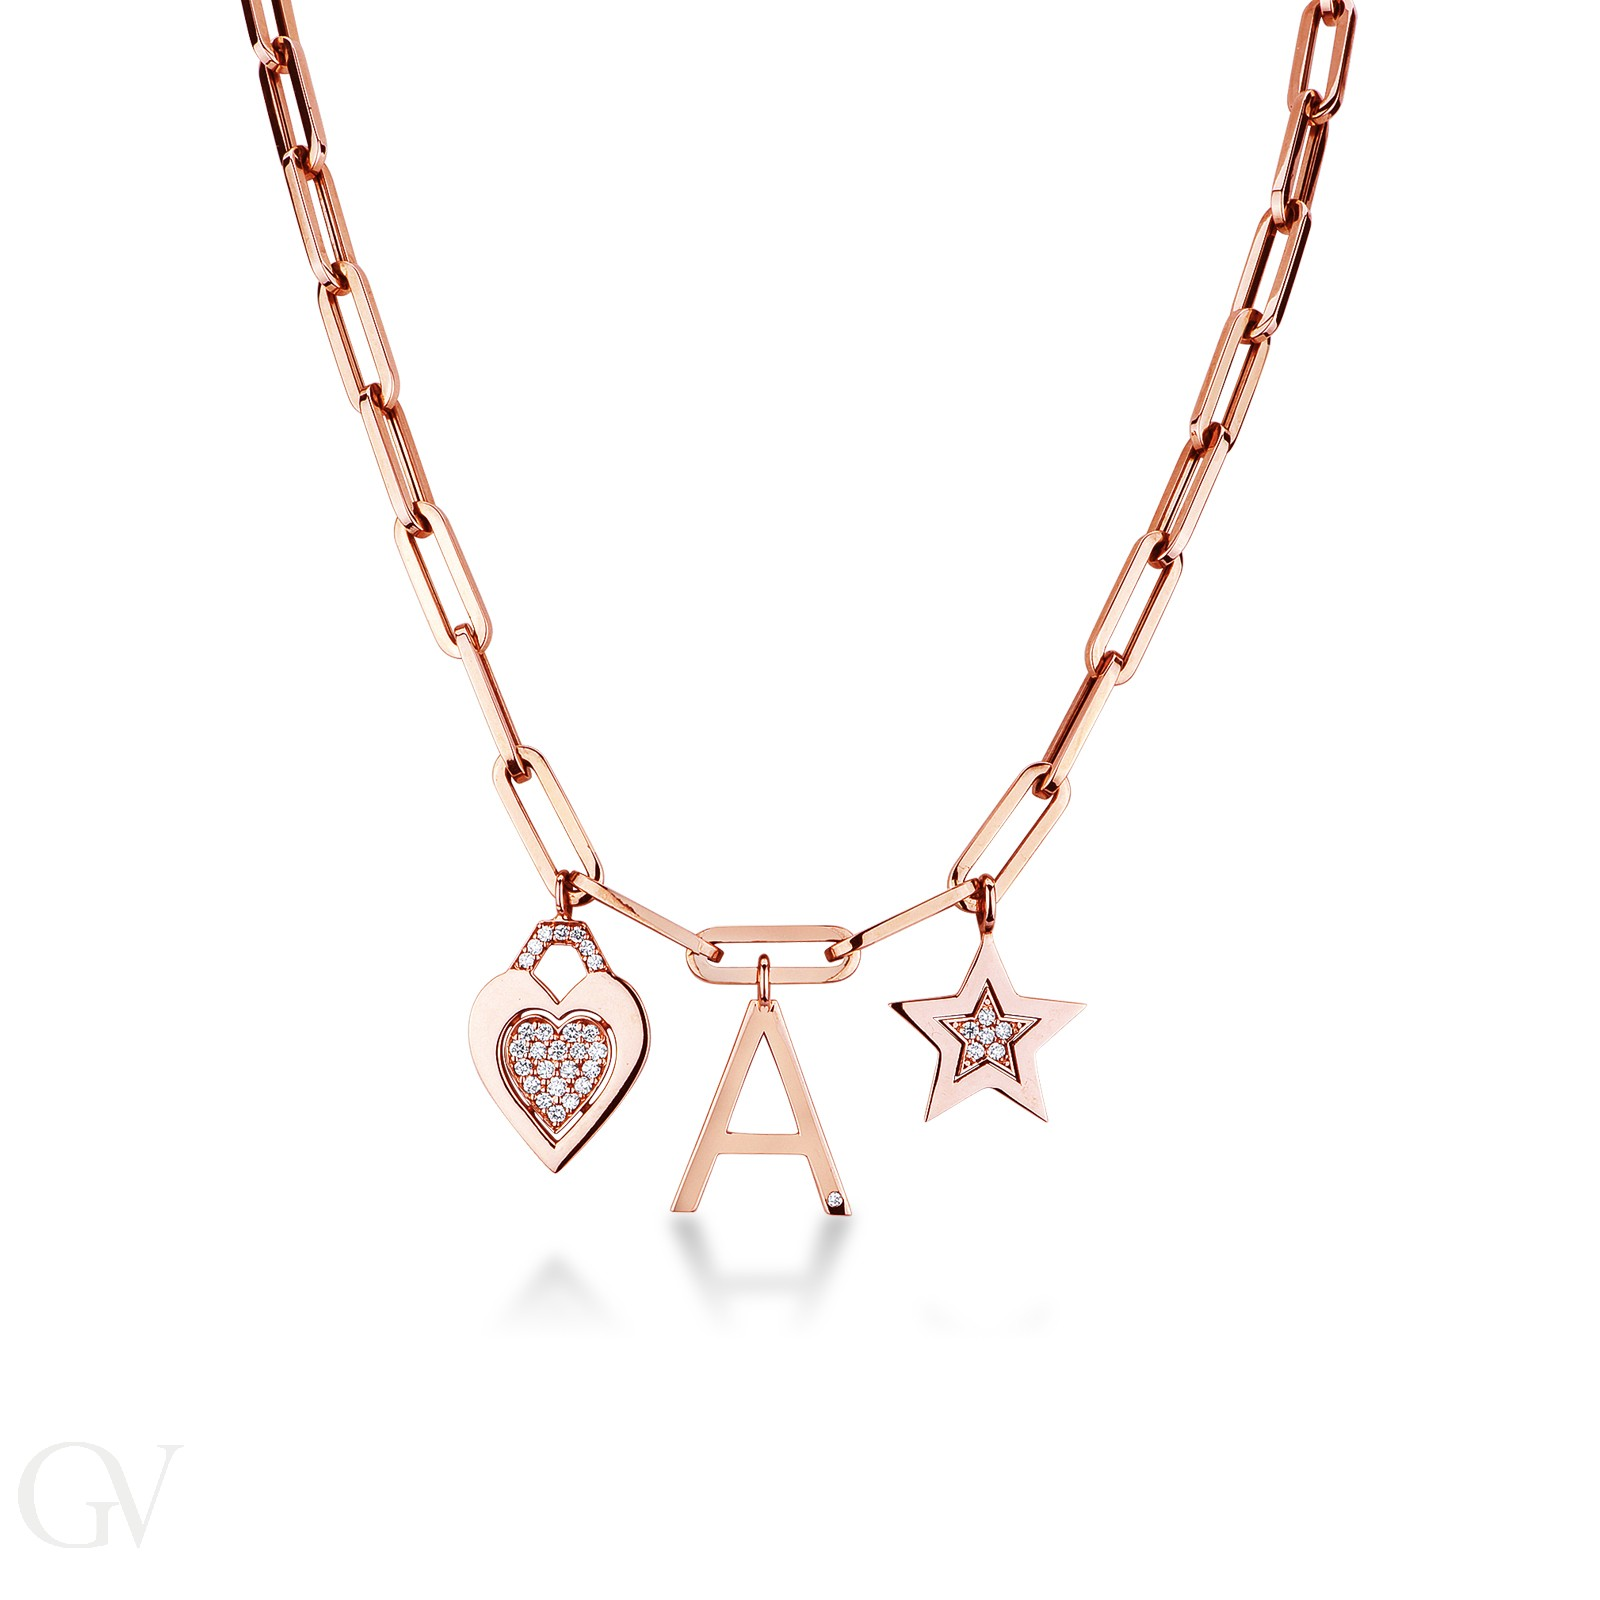 Collana rolò in oro rosa 18k con pendenti e diamanti.